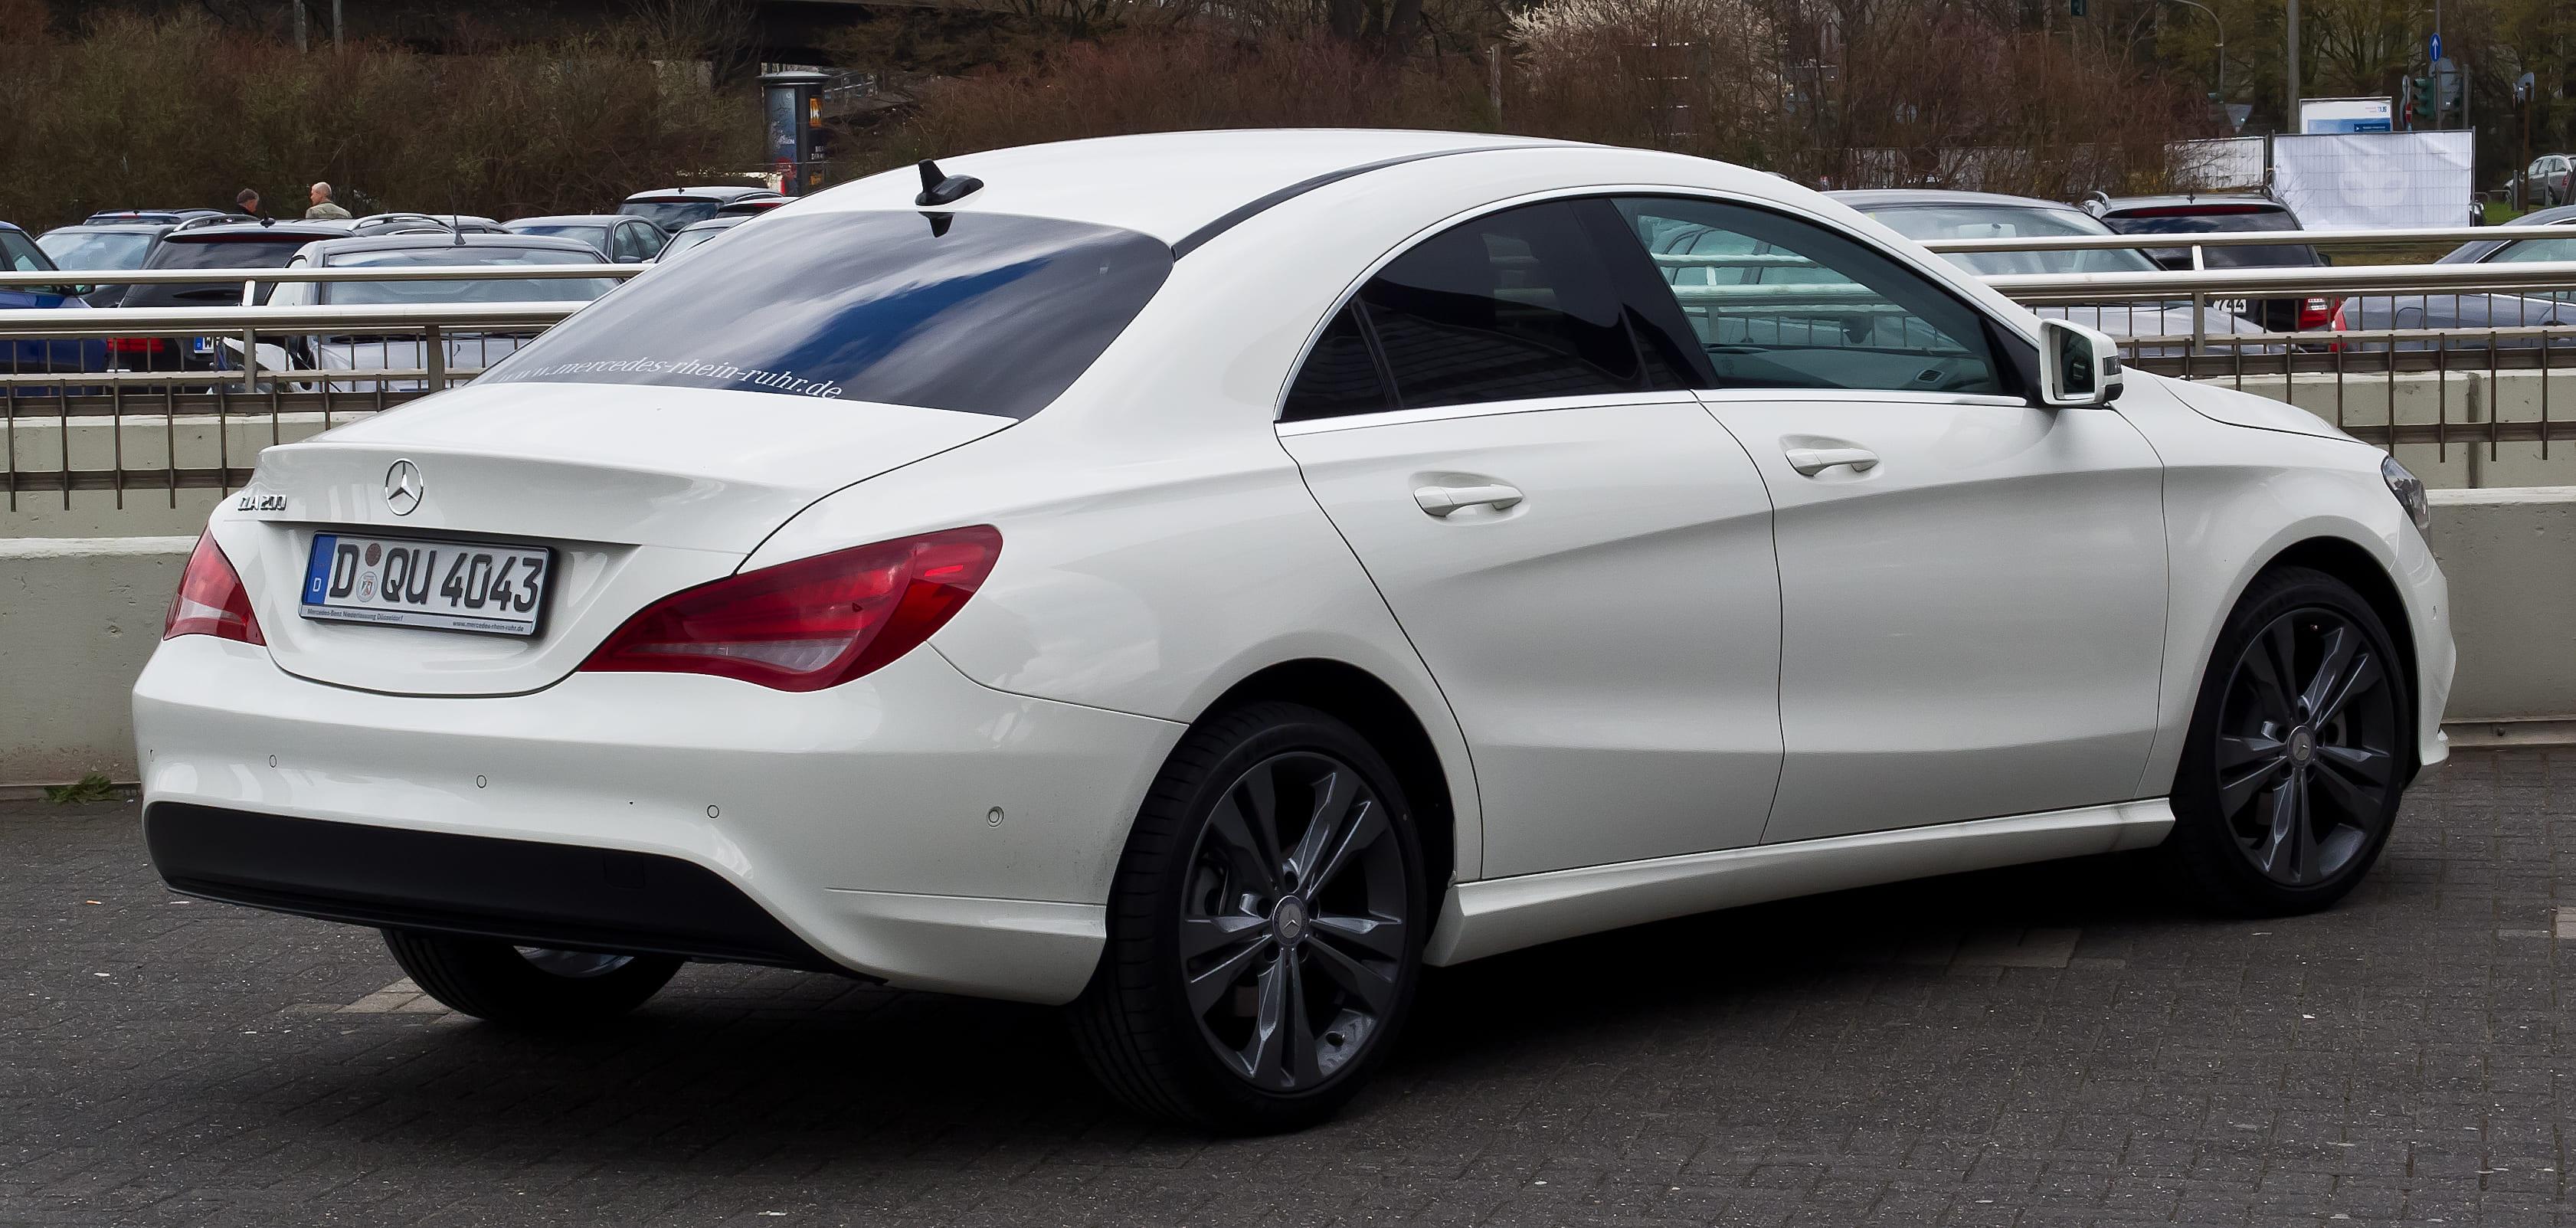 Mercedes schuin